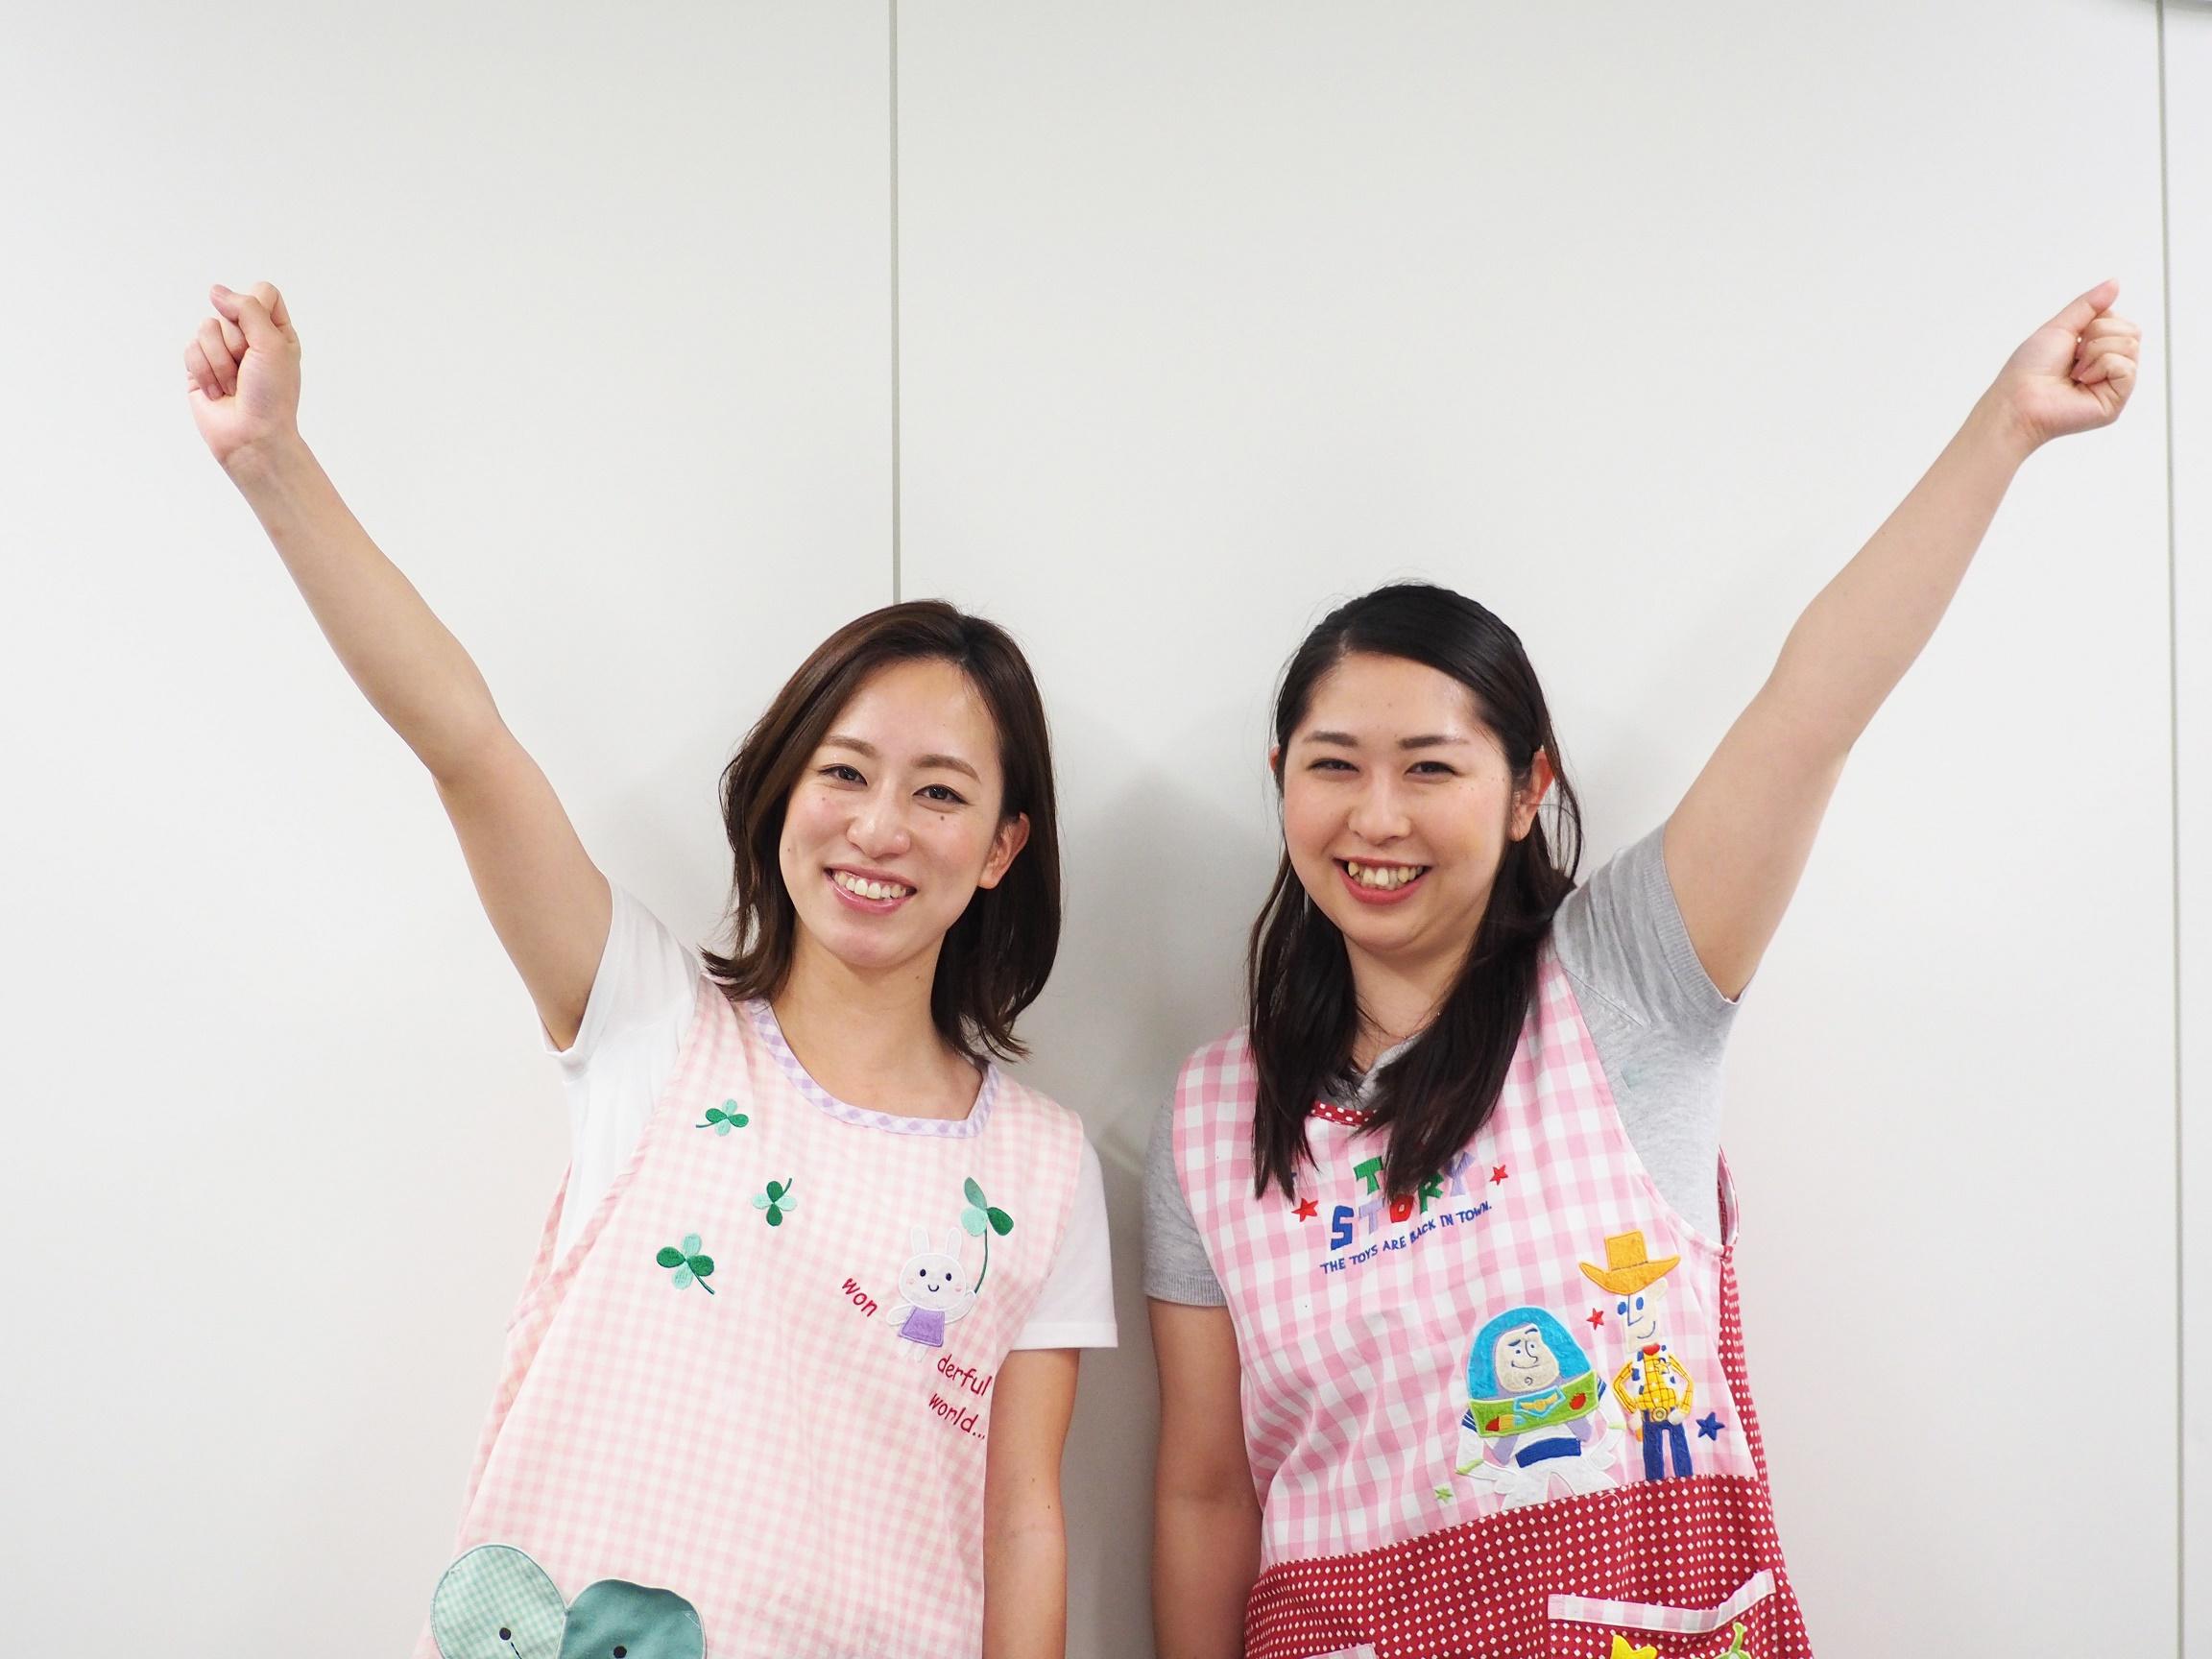 【施設名:埼玉県立小児医療センター内院内保育室】